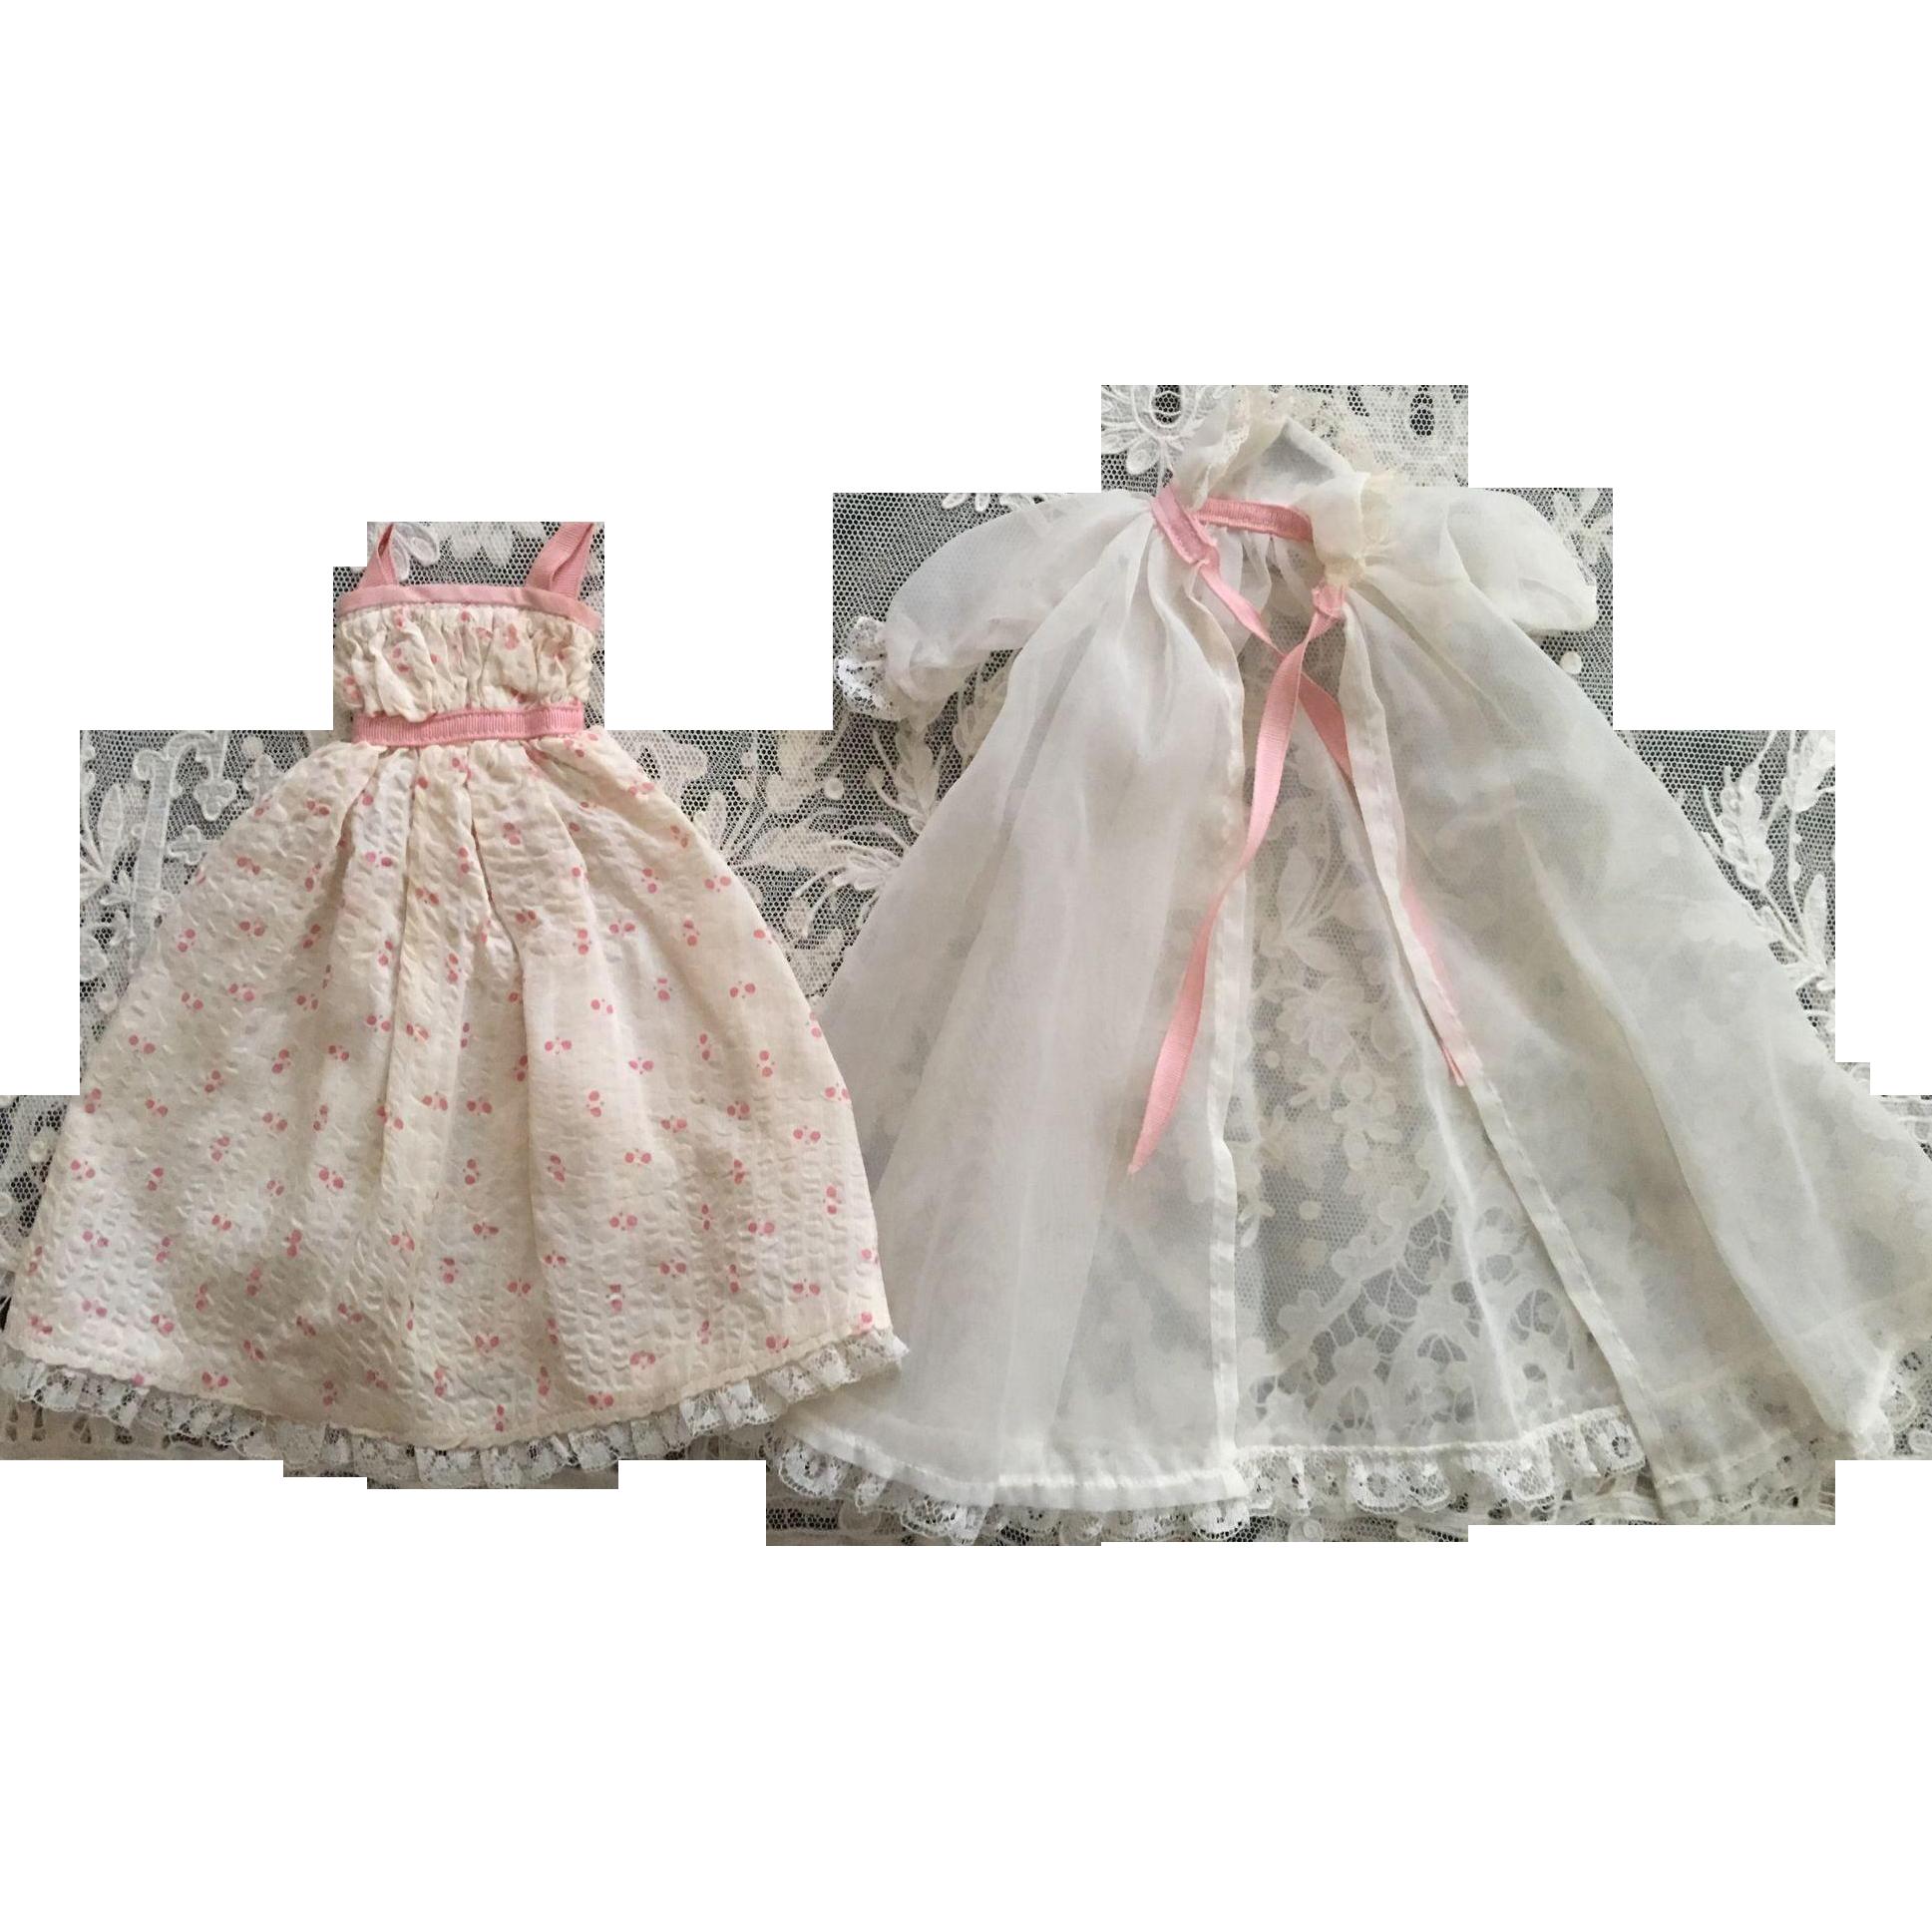 Lovely Peignoir Set for Lissy 1950s